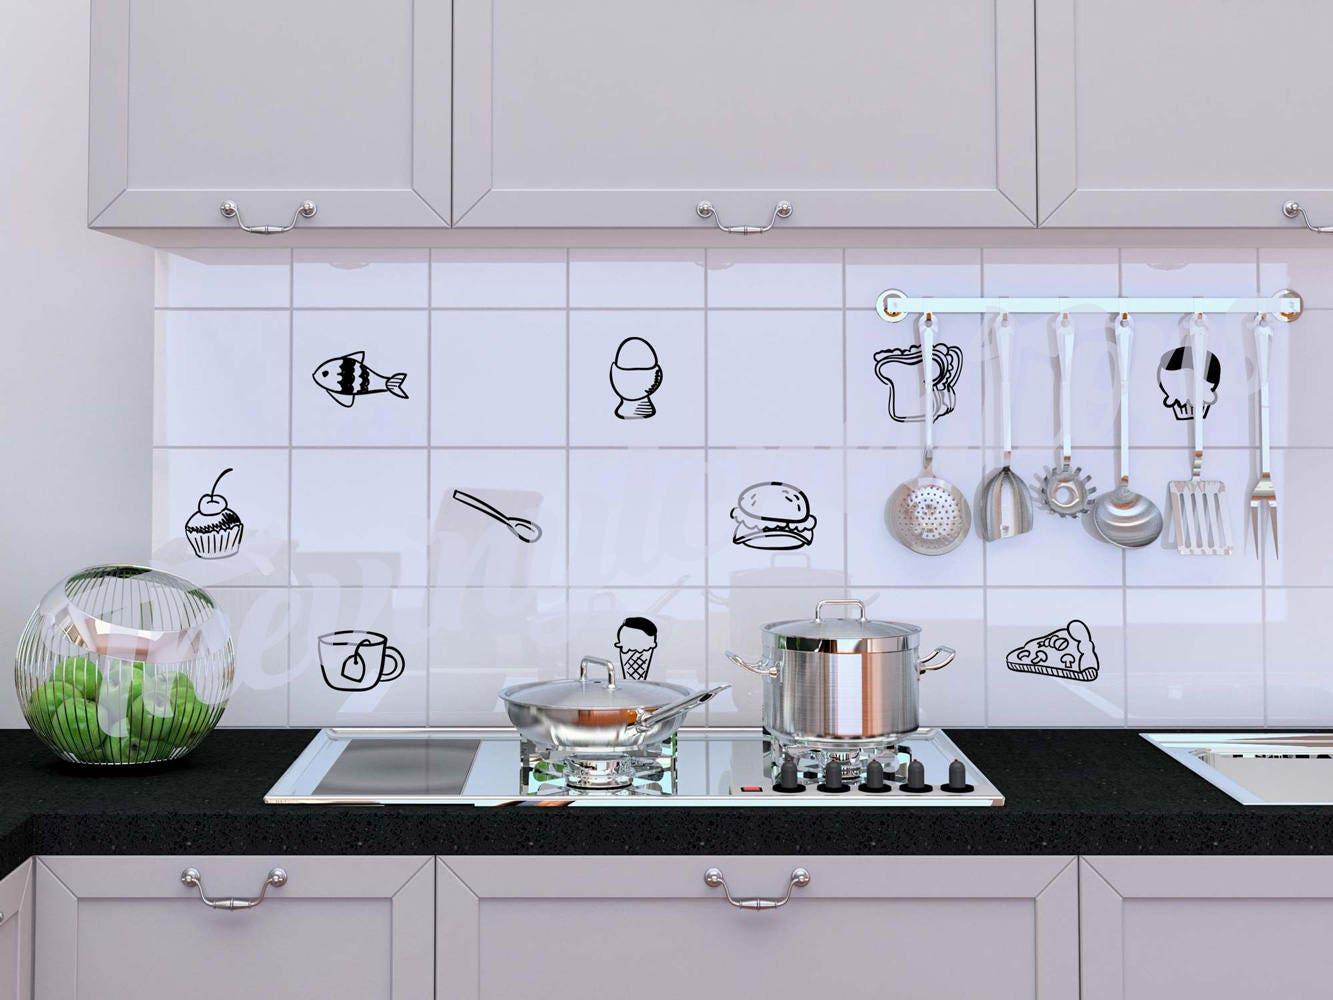 keuken tegels stickers : Verscheidenheid Van Voedsel Stickers Voor Tegels Keuken